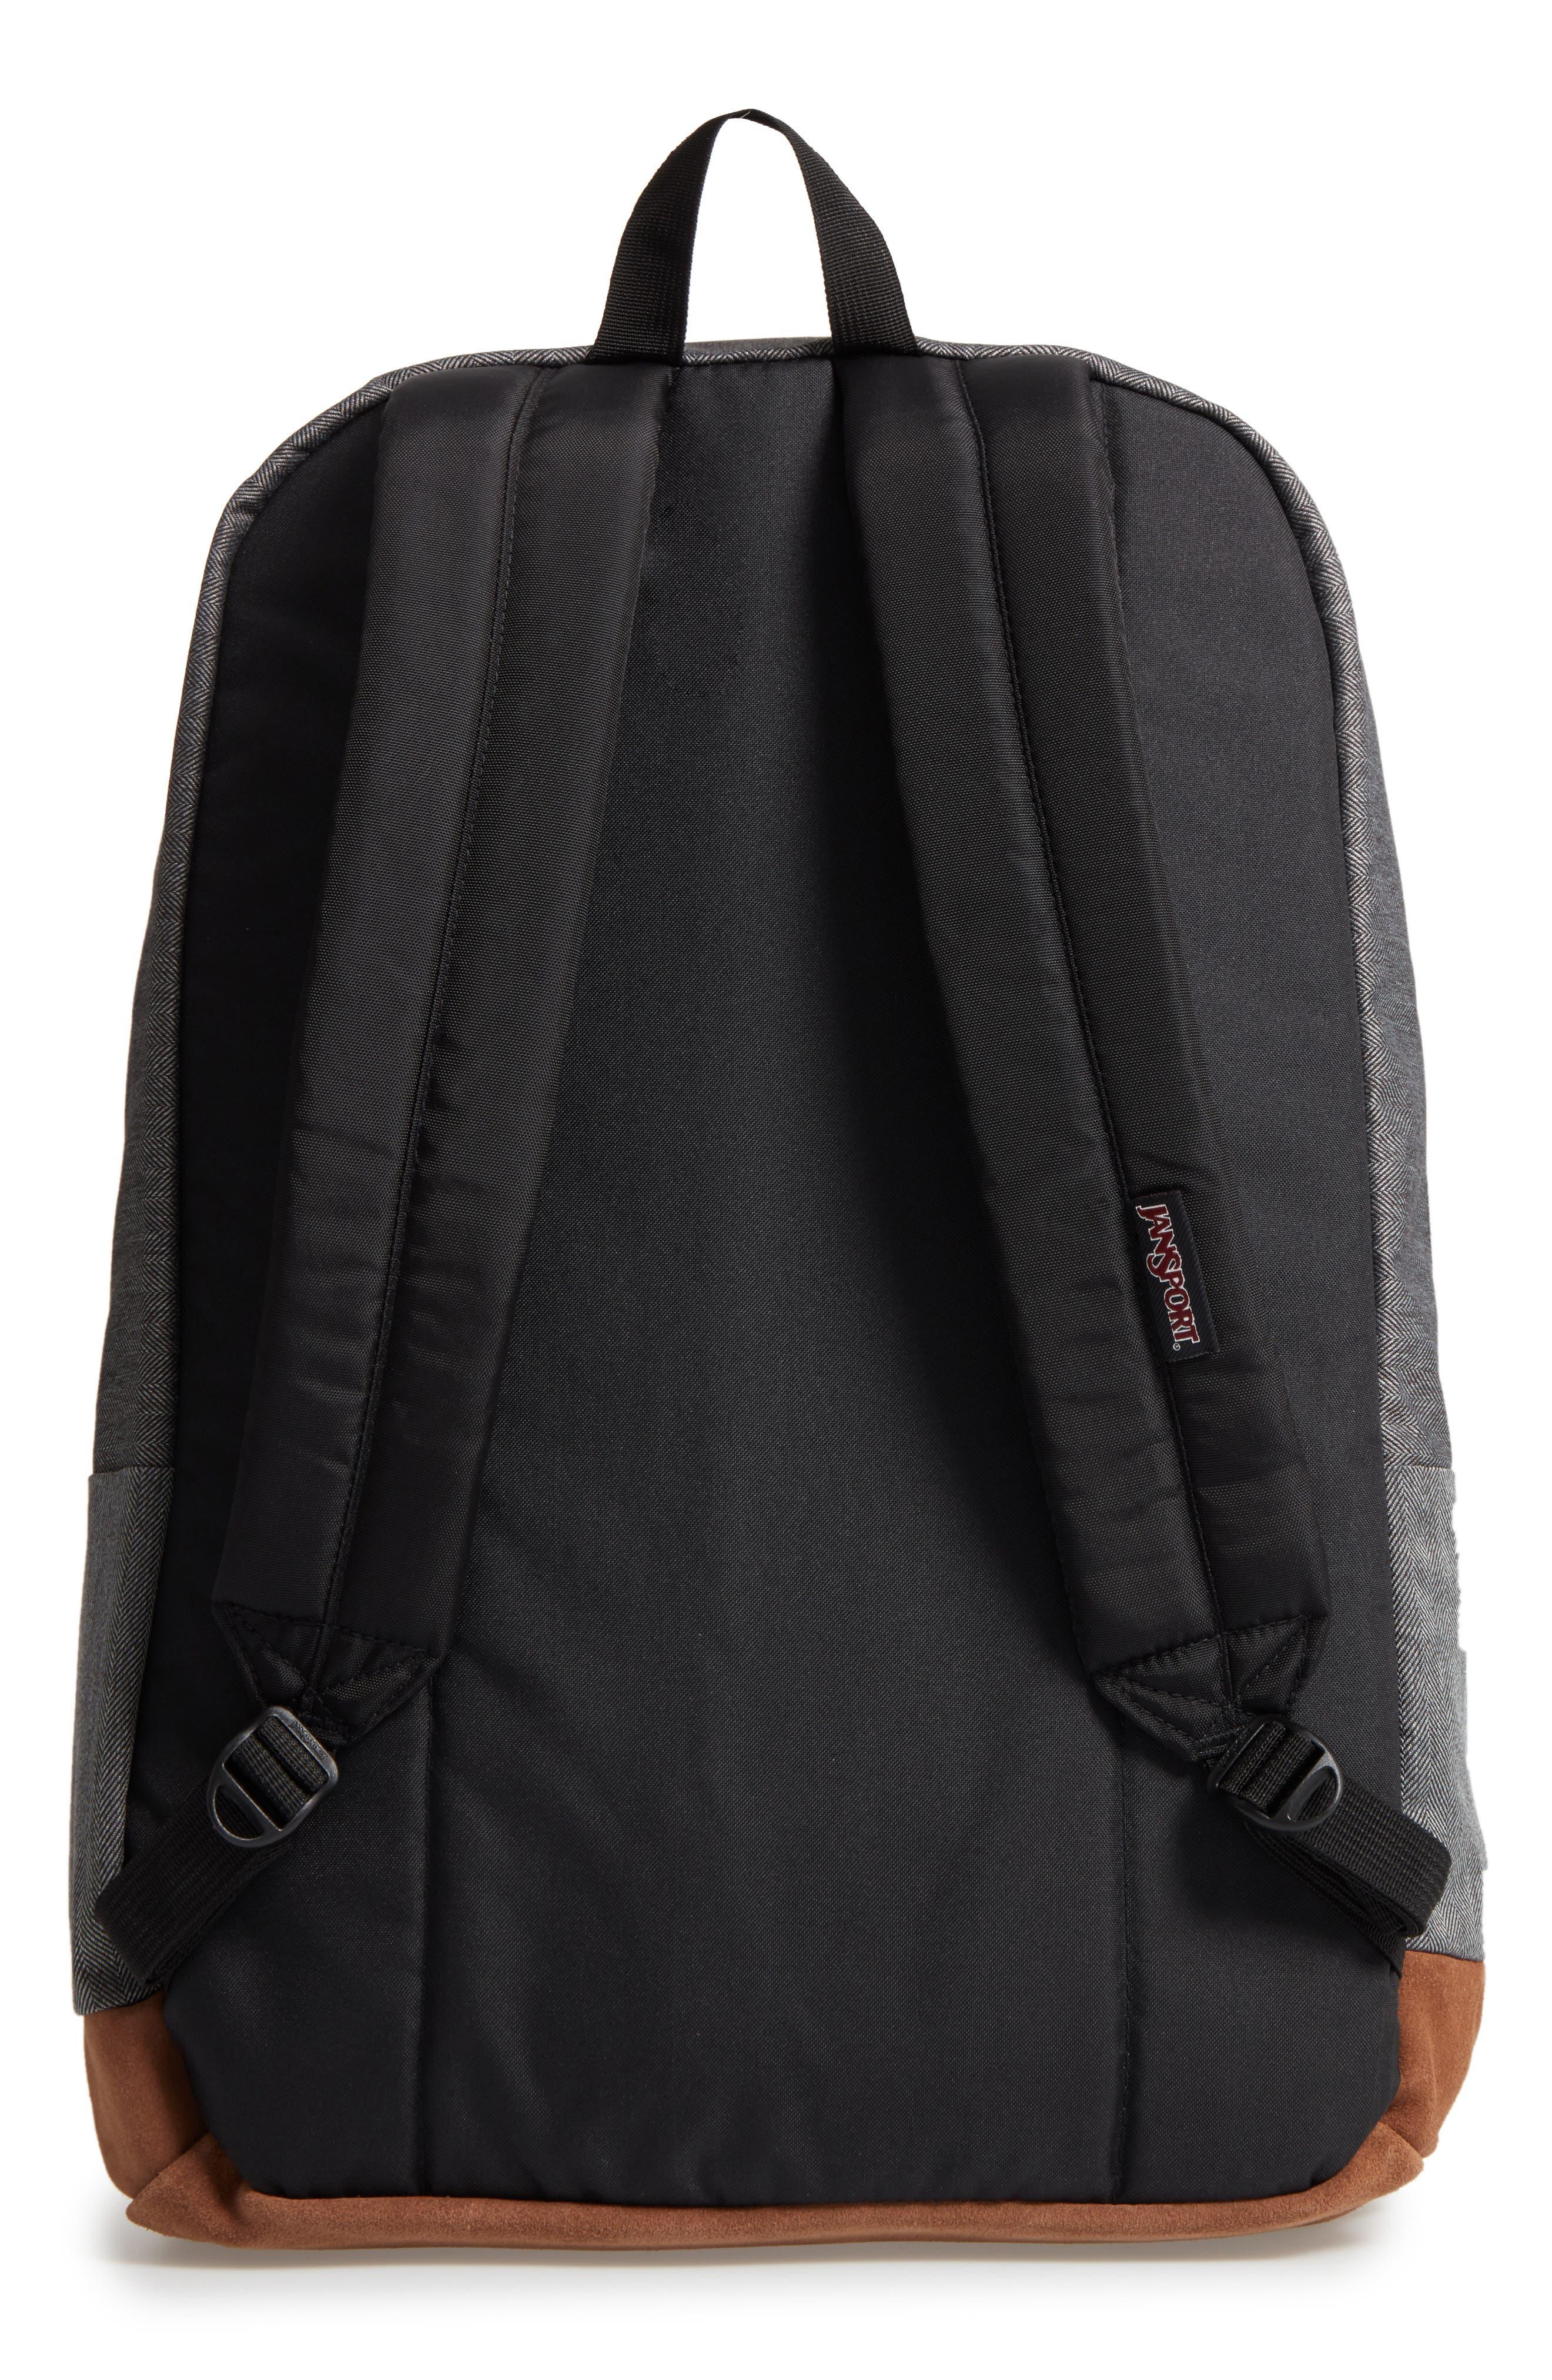 'Right Pack' Backpack,                             Alternate thumbnail 3, color,                             BLACK/ WHITE